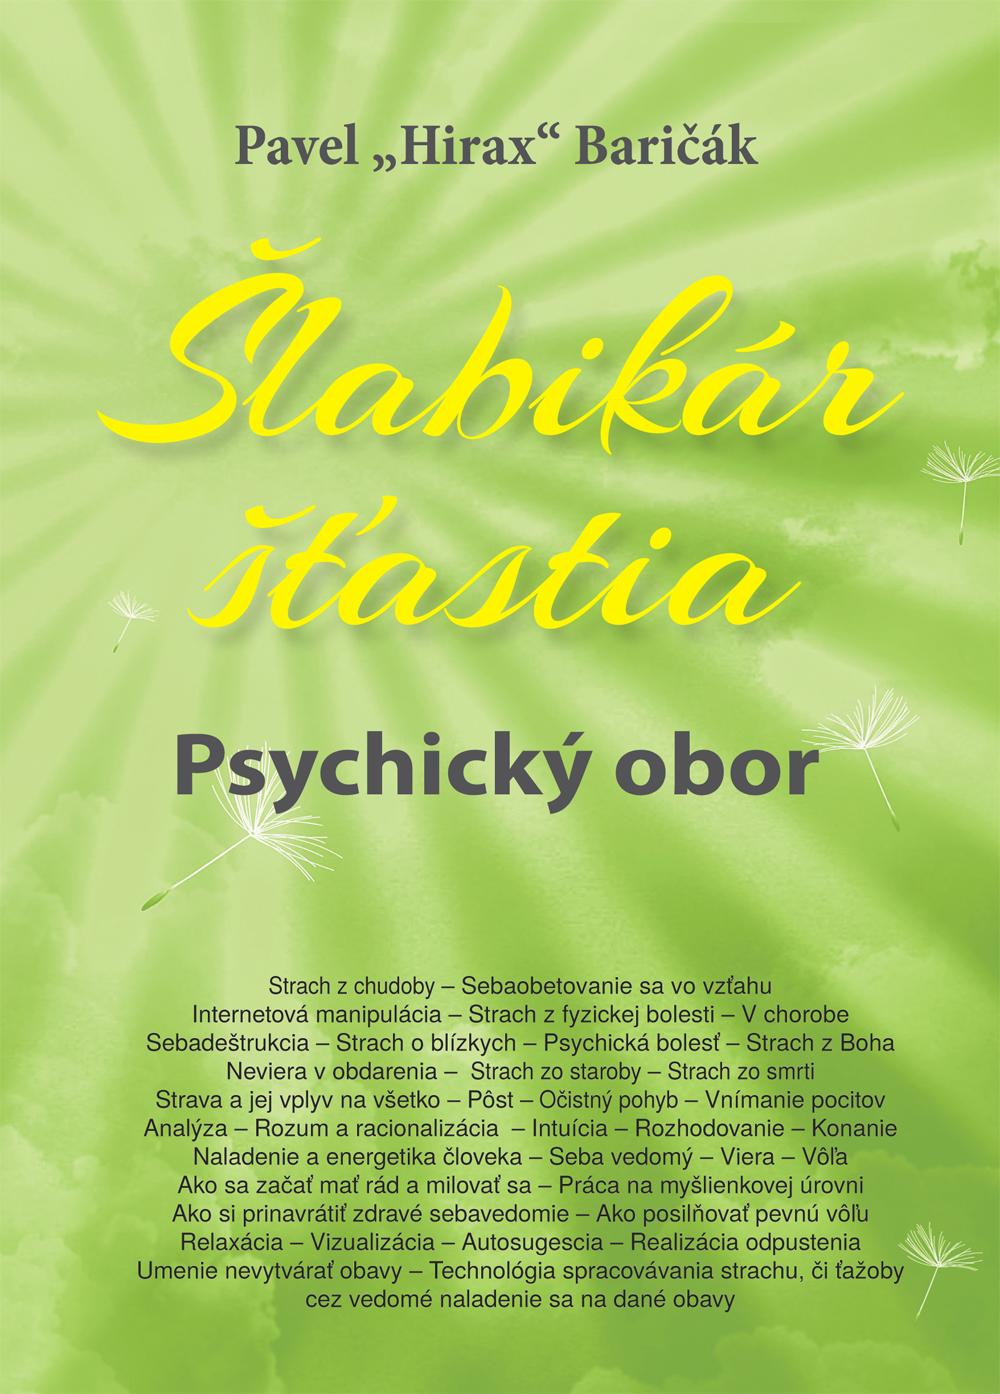 Šlabikár šťastia 5, Psychický OBOR - Baričák Hirax Pavel